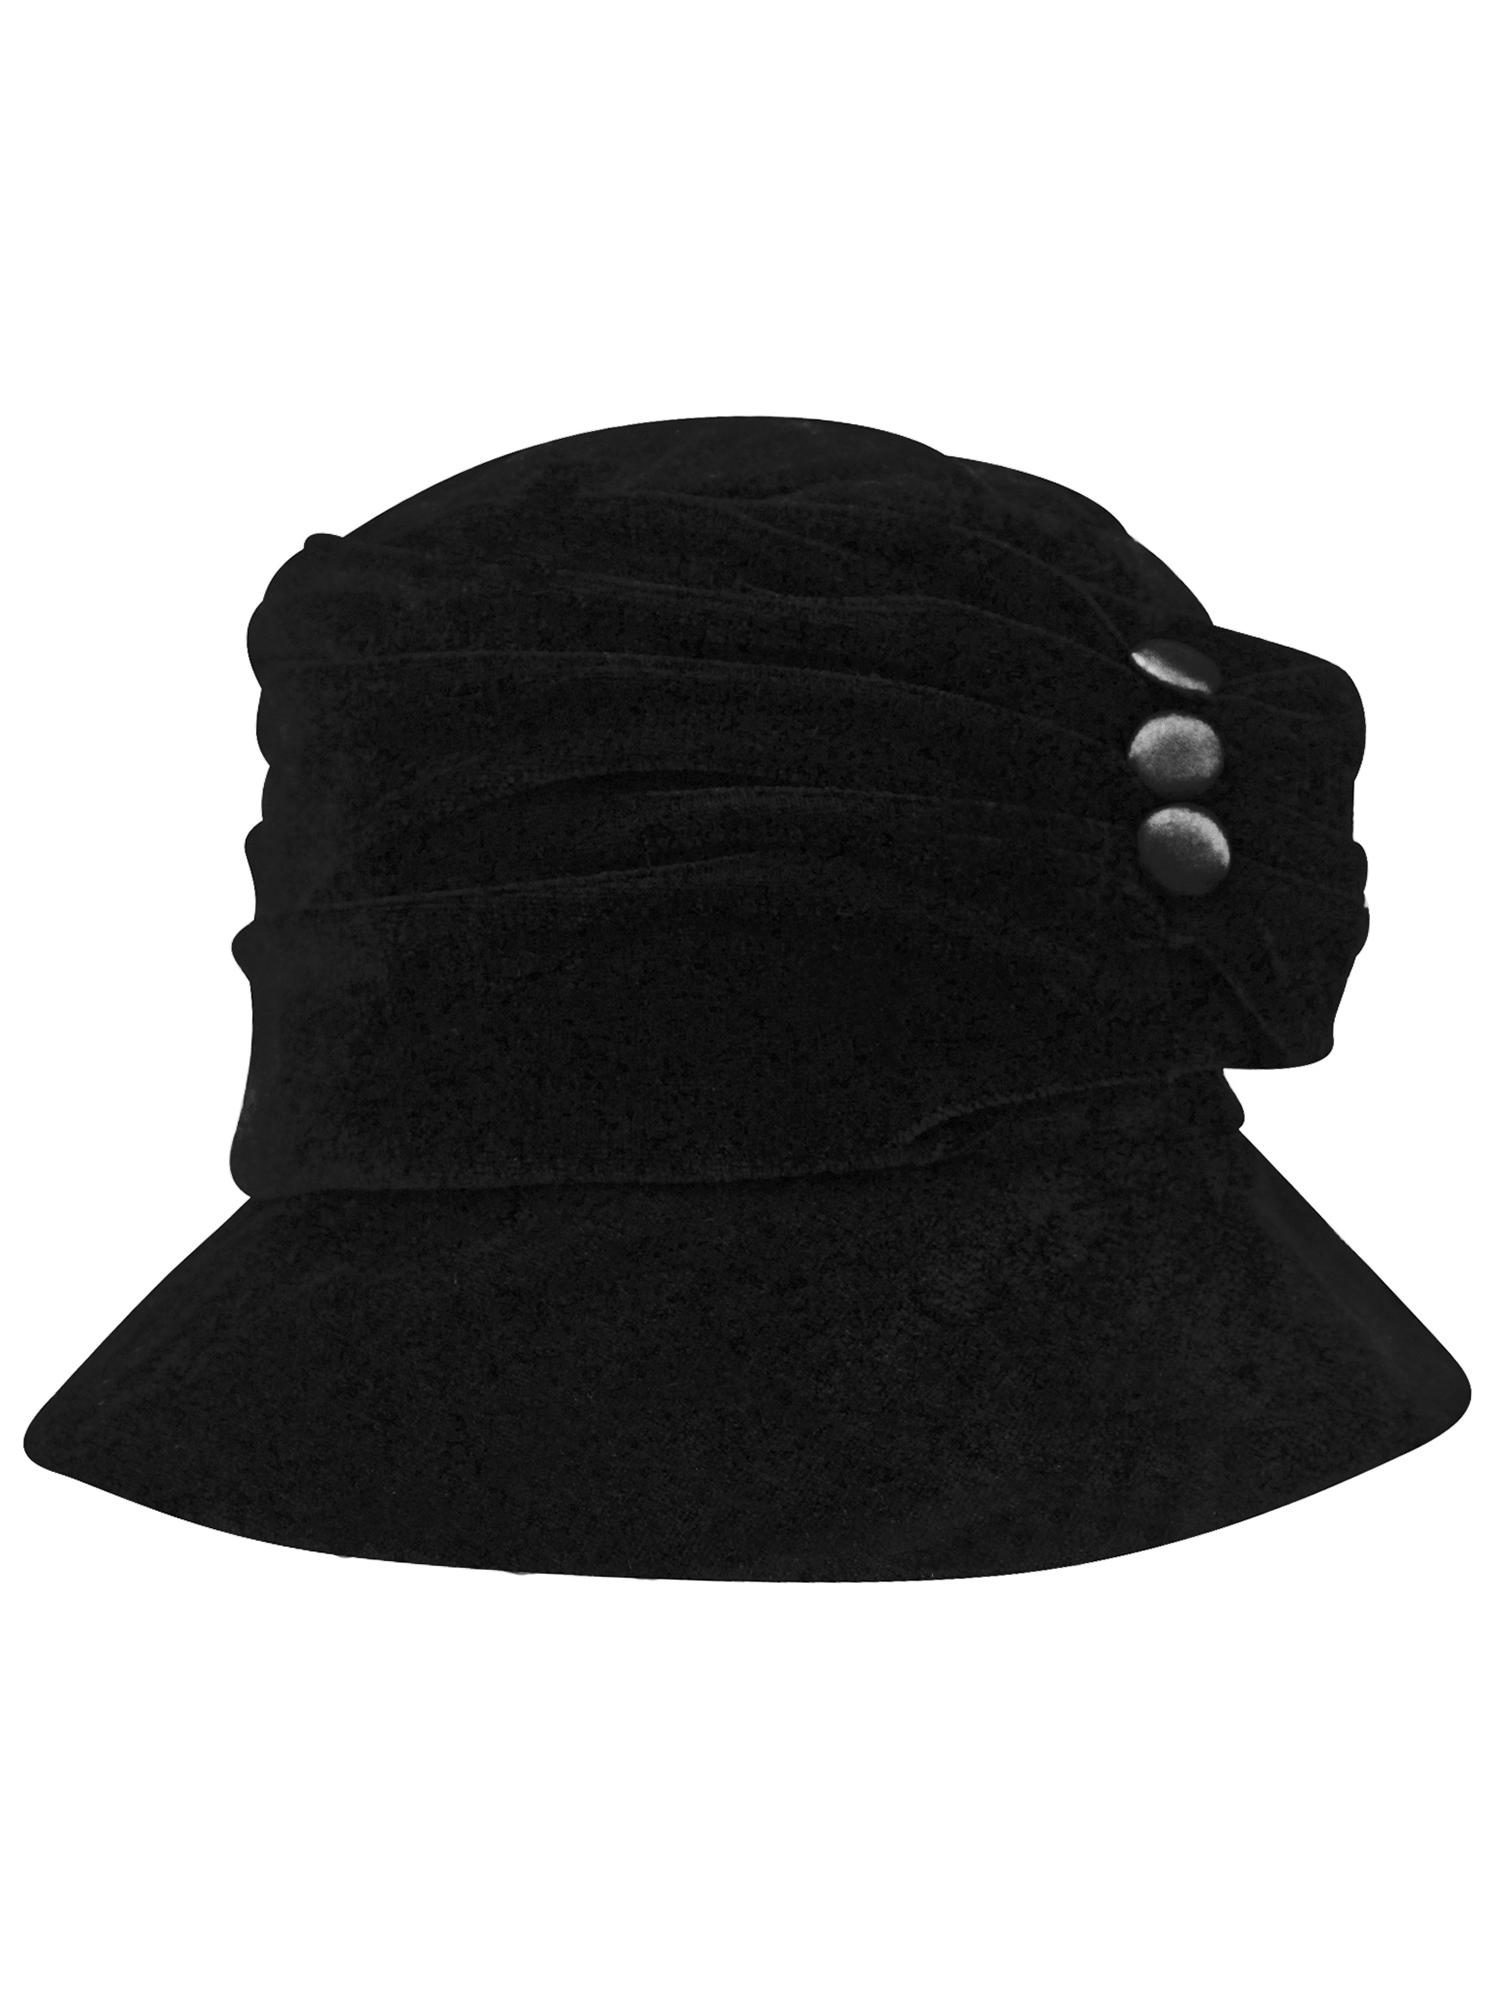 f21970833d7d2 BLACK VELVET BUCKET HAT WITH BUTTON TRIM